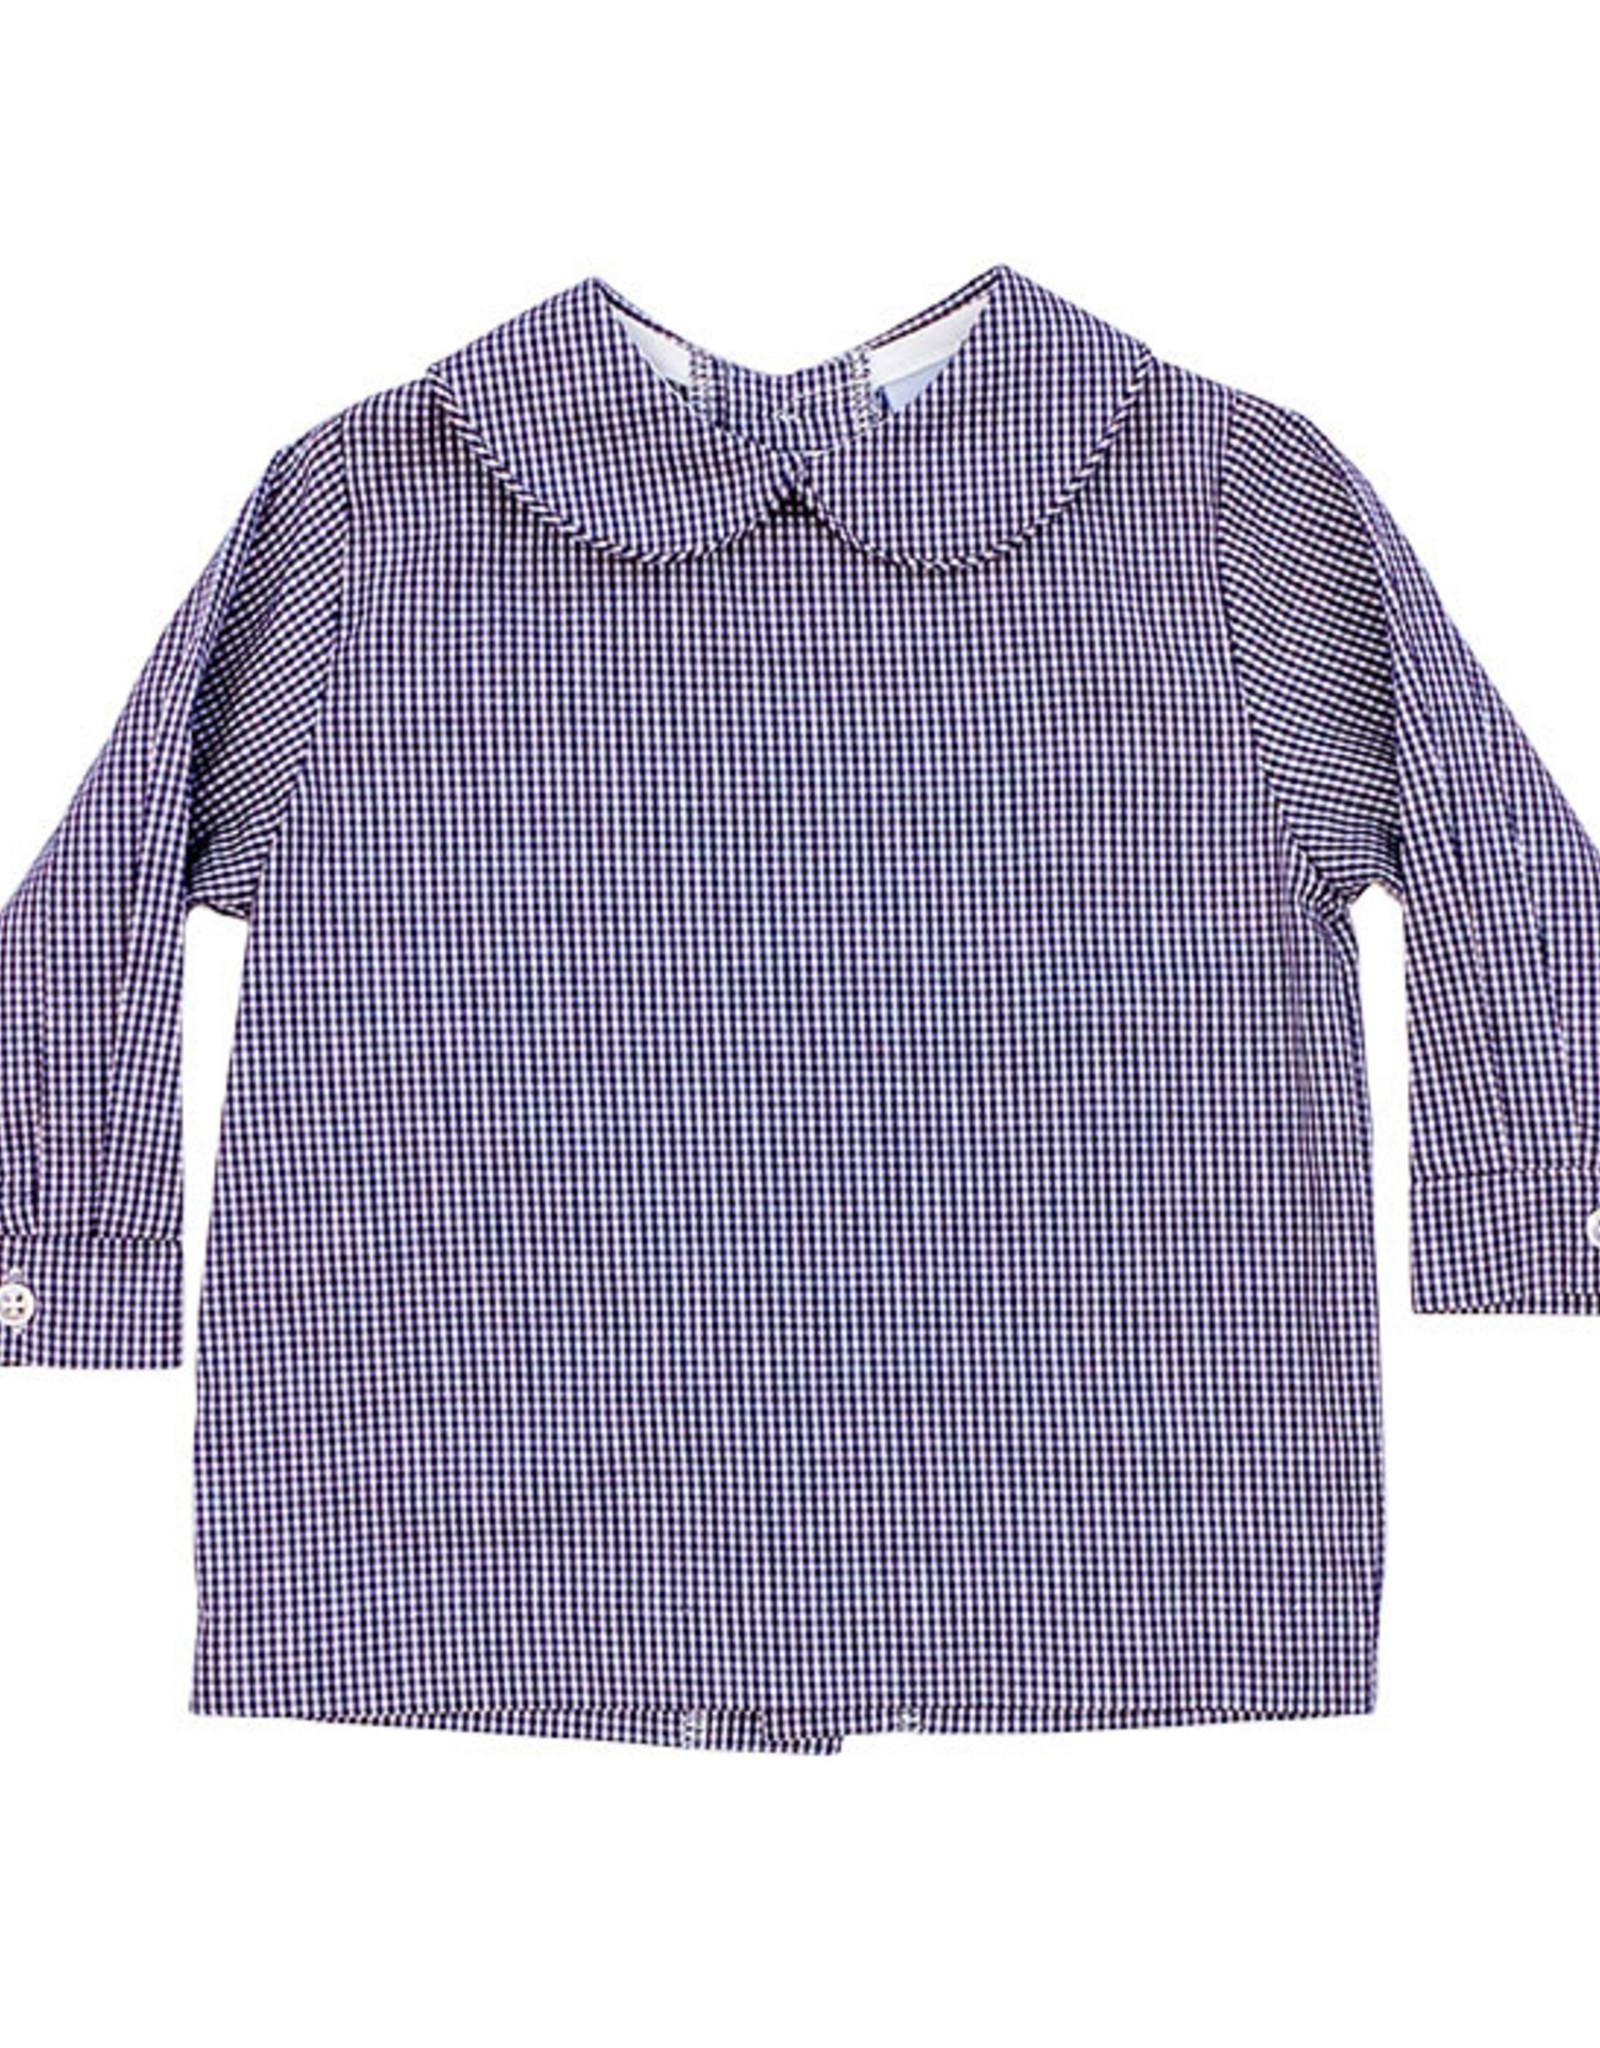 The Bailey Boys Navy Check Boys Piped Shirt